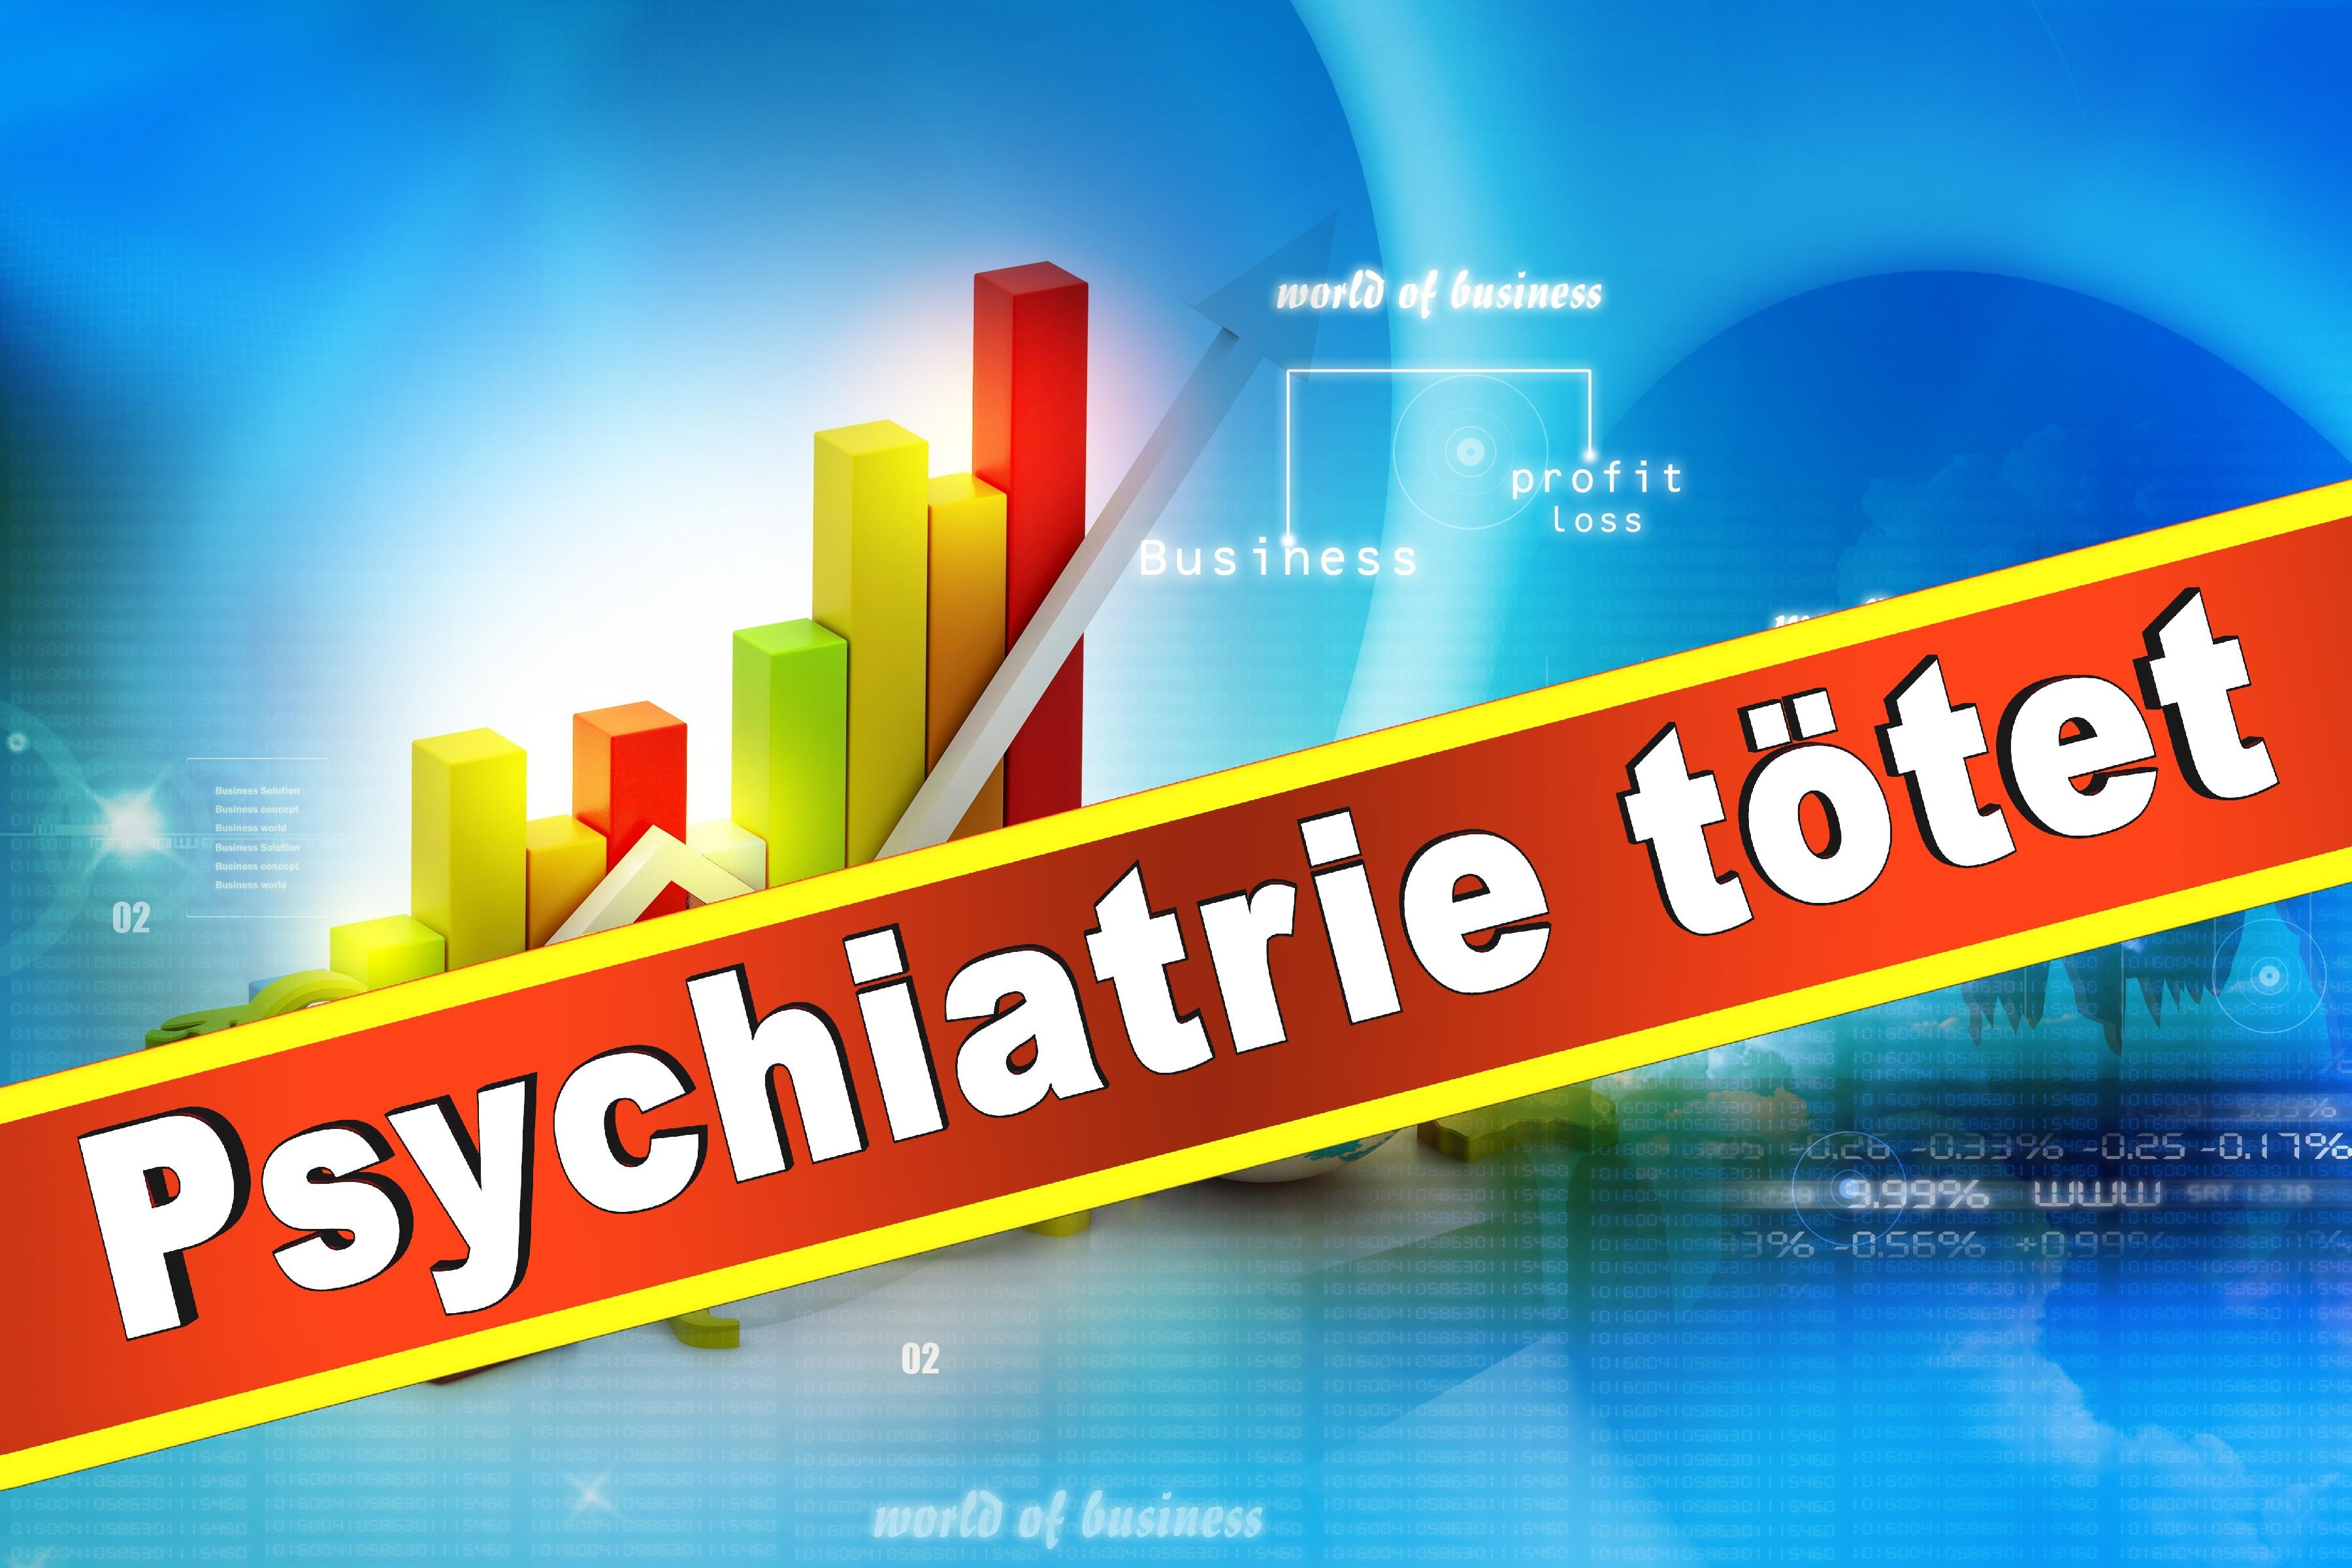 Carl Ernst Von Schönfeld Tagesklinik Medikamente Psychiatrie Tod Bethel Psychiater Korruption Gift Zwangspsychiatrie Unterbringung Friedhof Adolf Hitler Euthanasie (14)